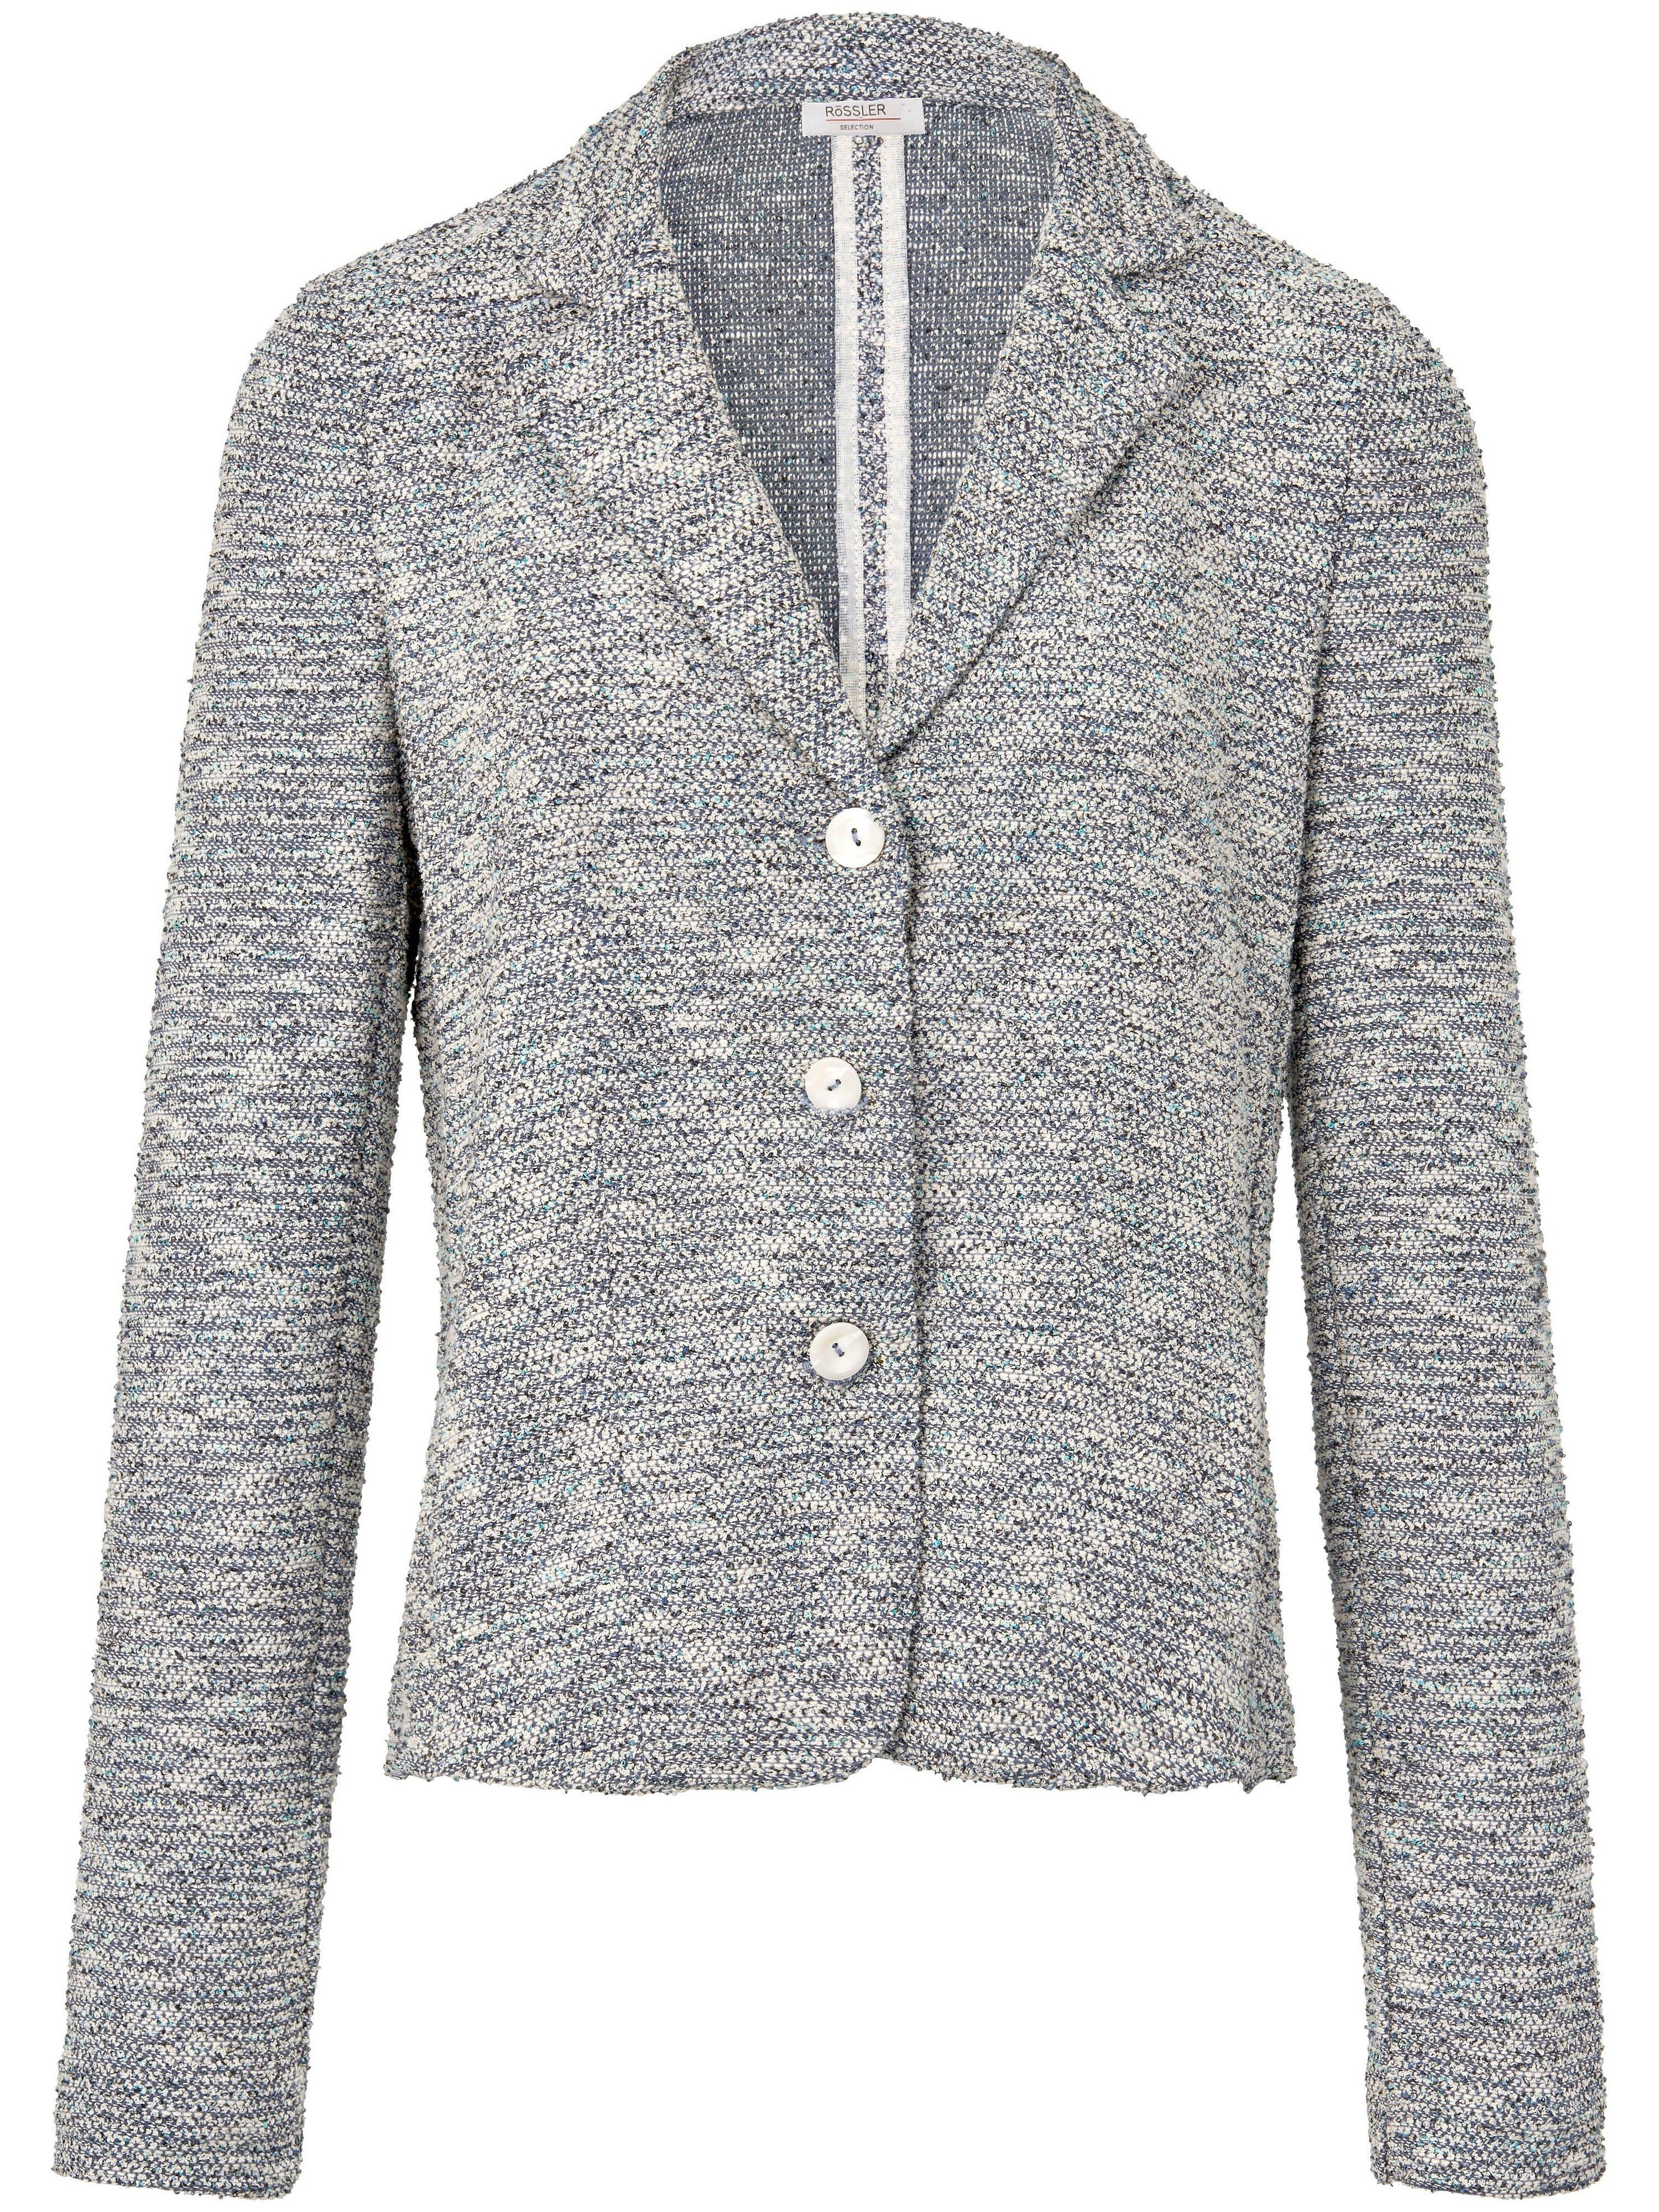 Le blazer imprimé jersey, col tailleur  Rössler Selection bleu taille 40